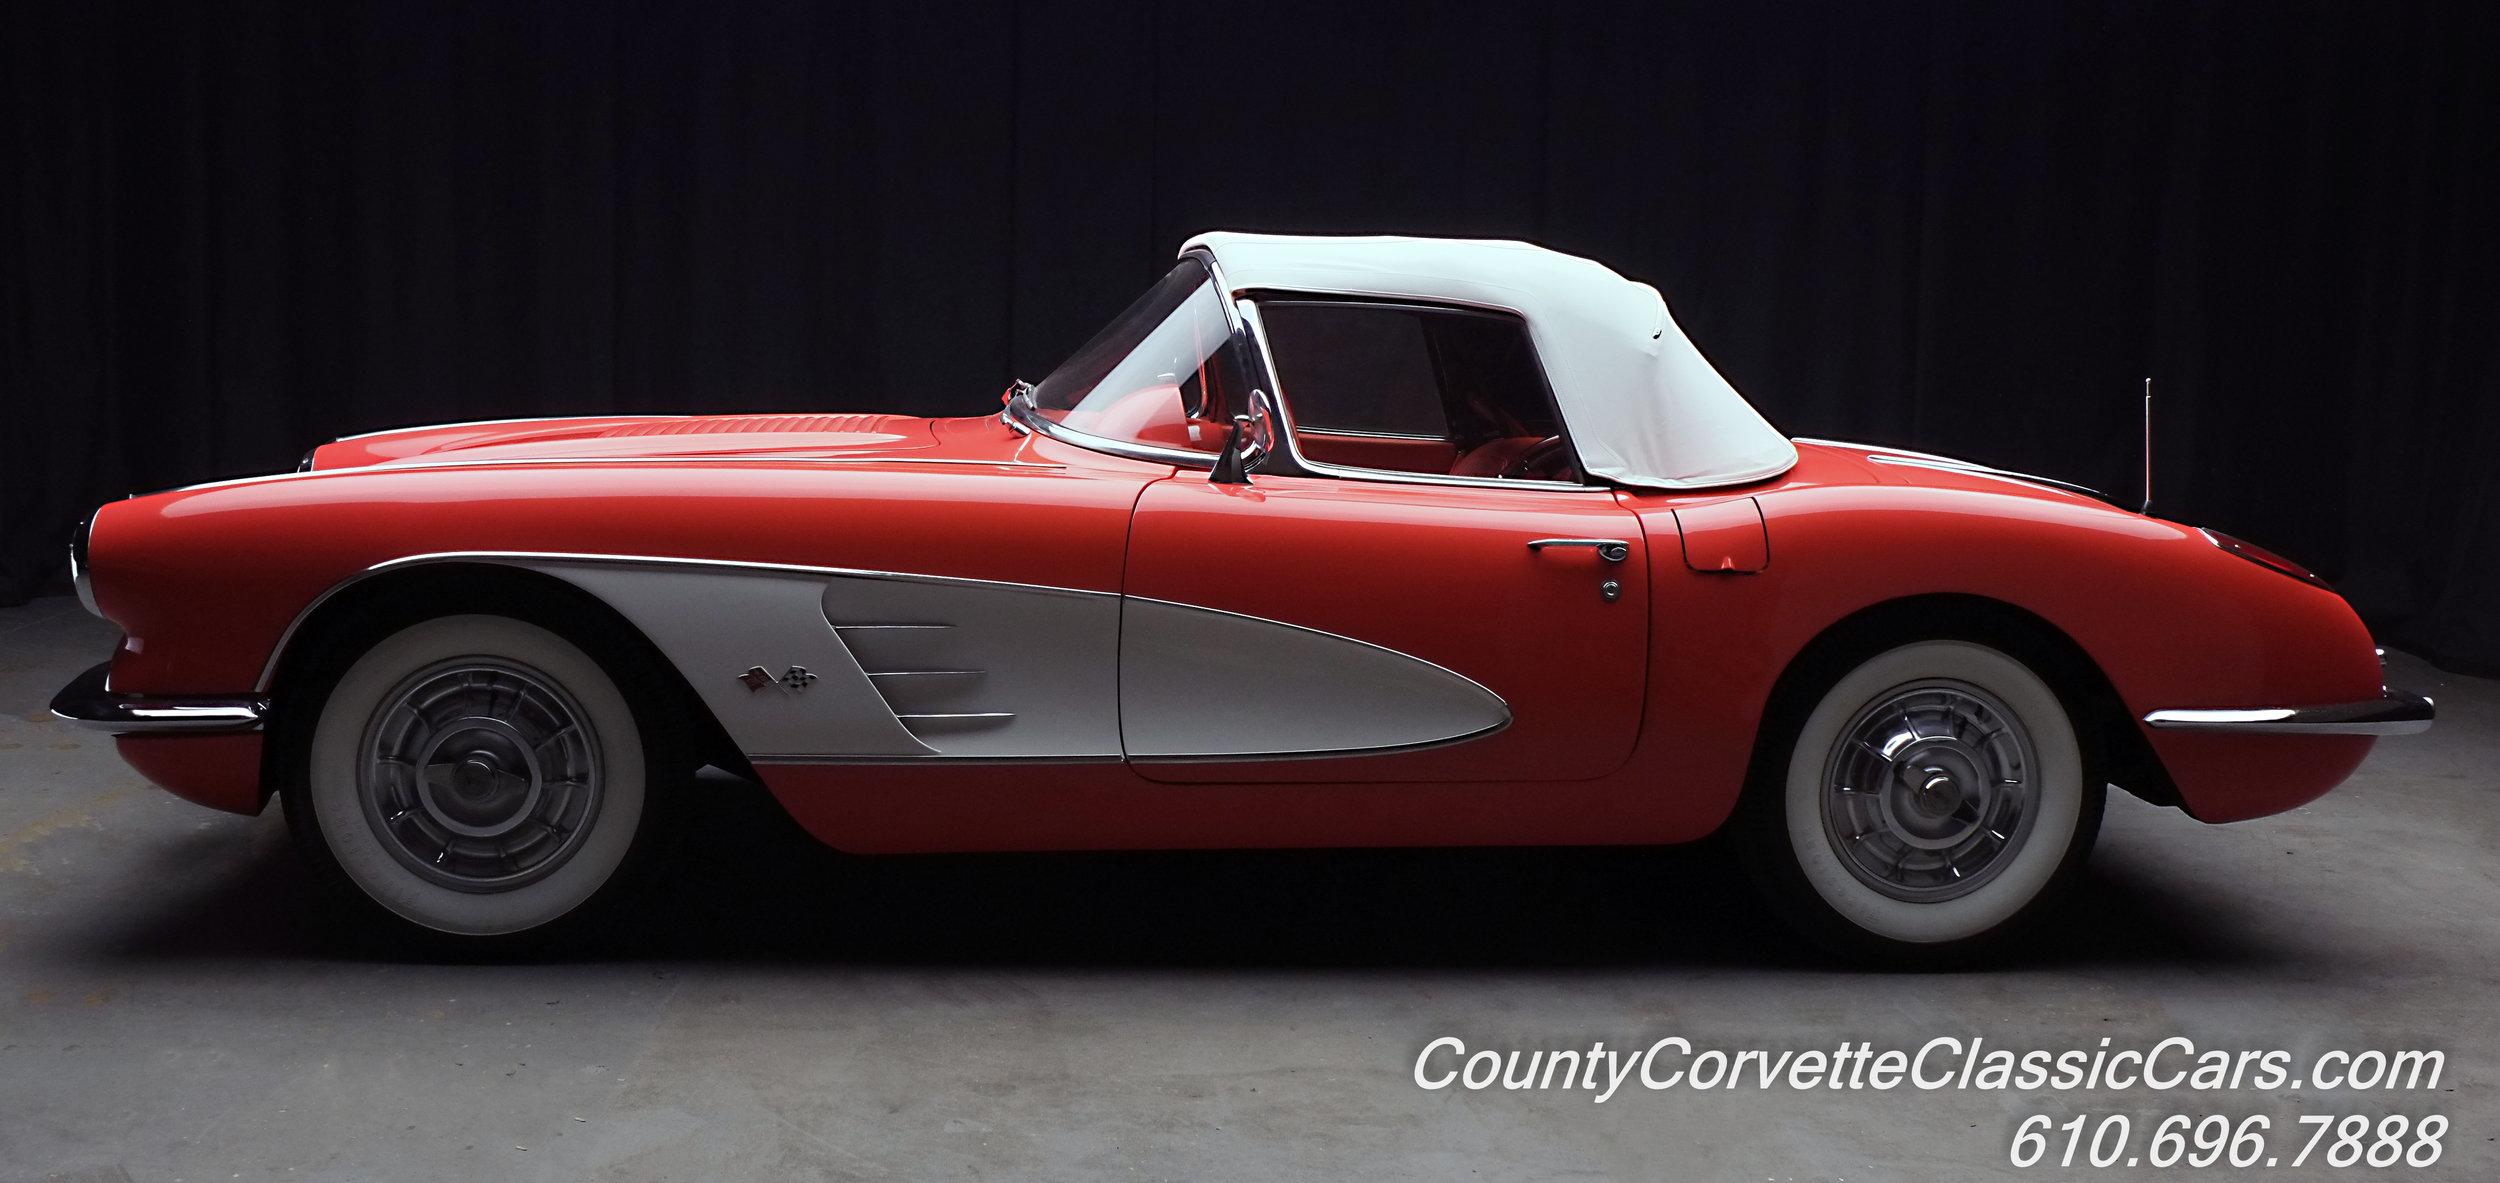 1958 Chevrolet Corvette Red